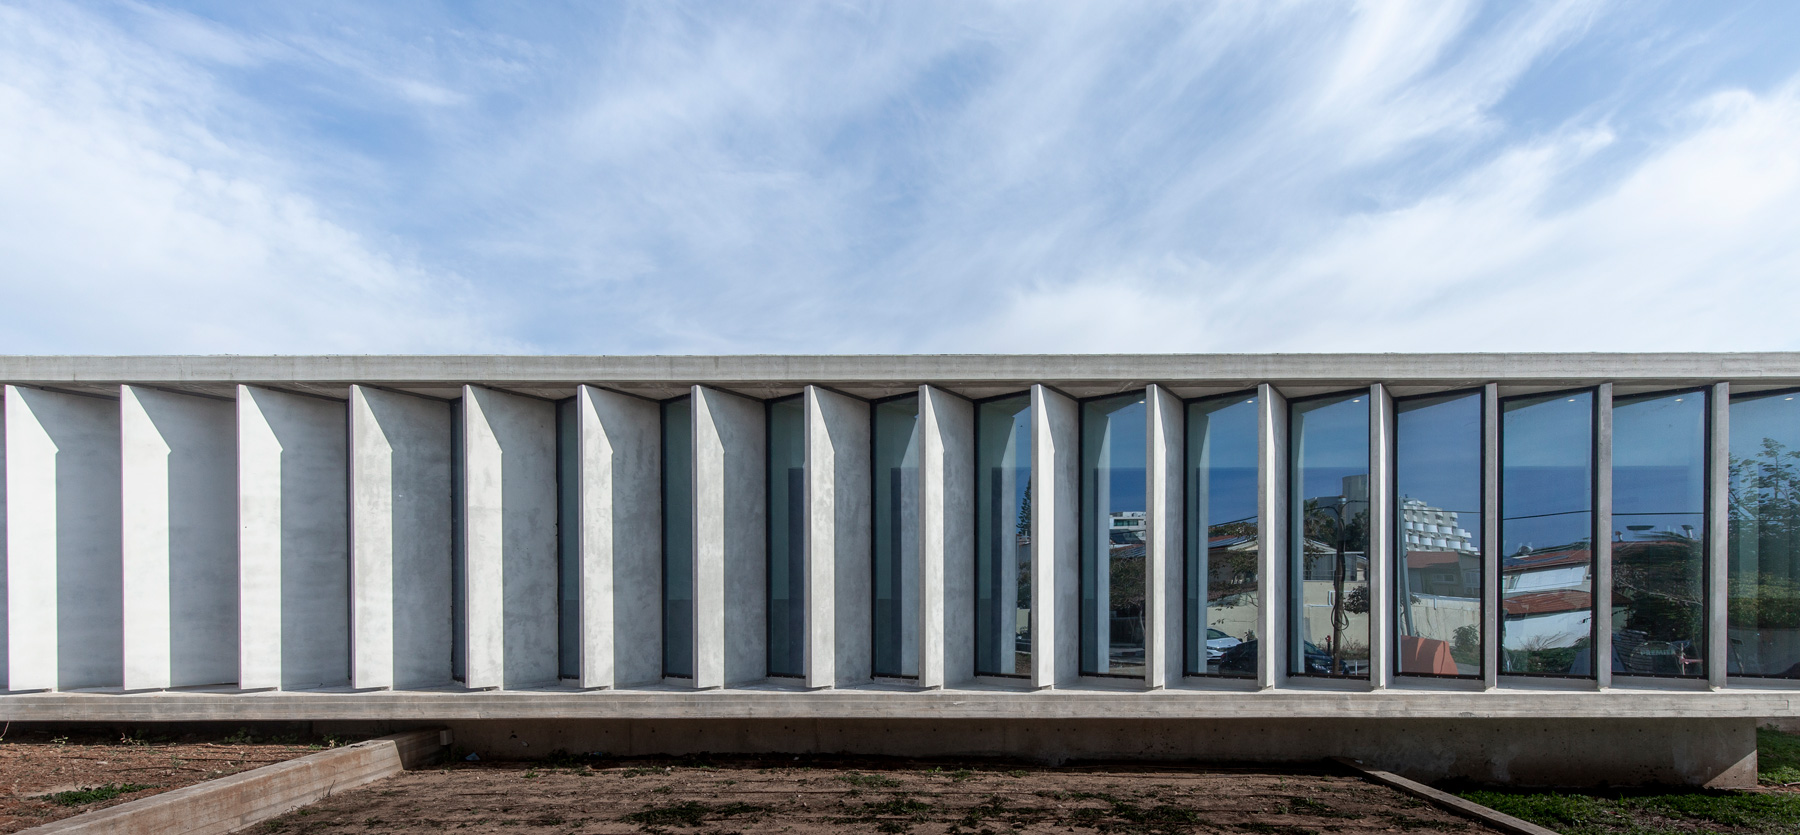 תאו – מרכז לתרבות אומנות ותוכן, הרצליה